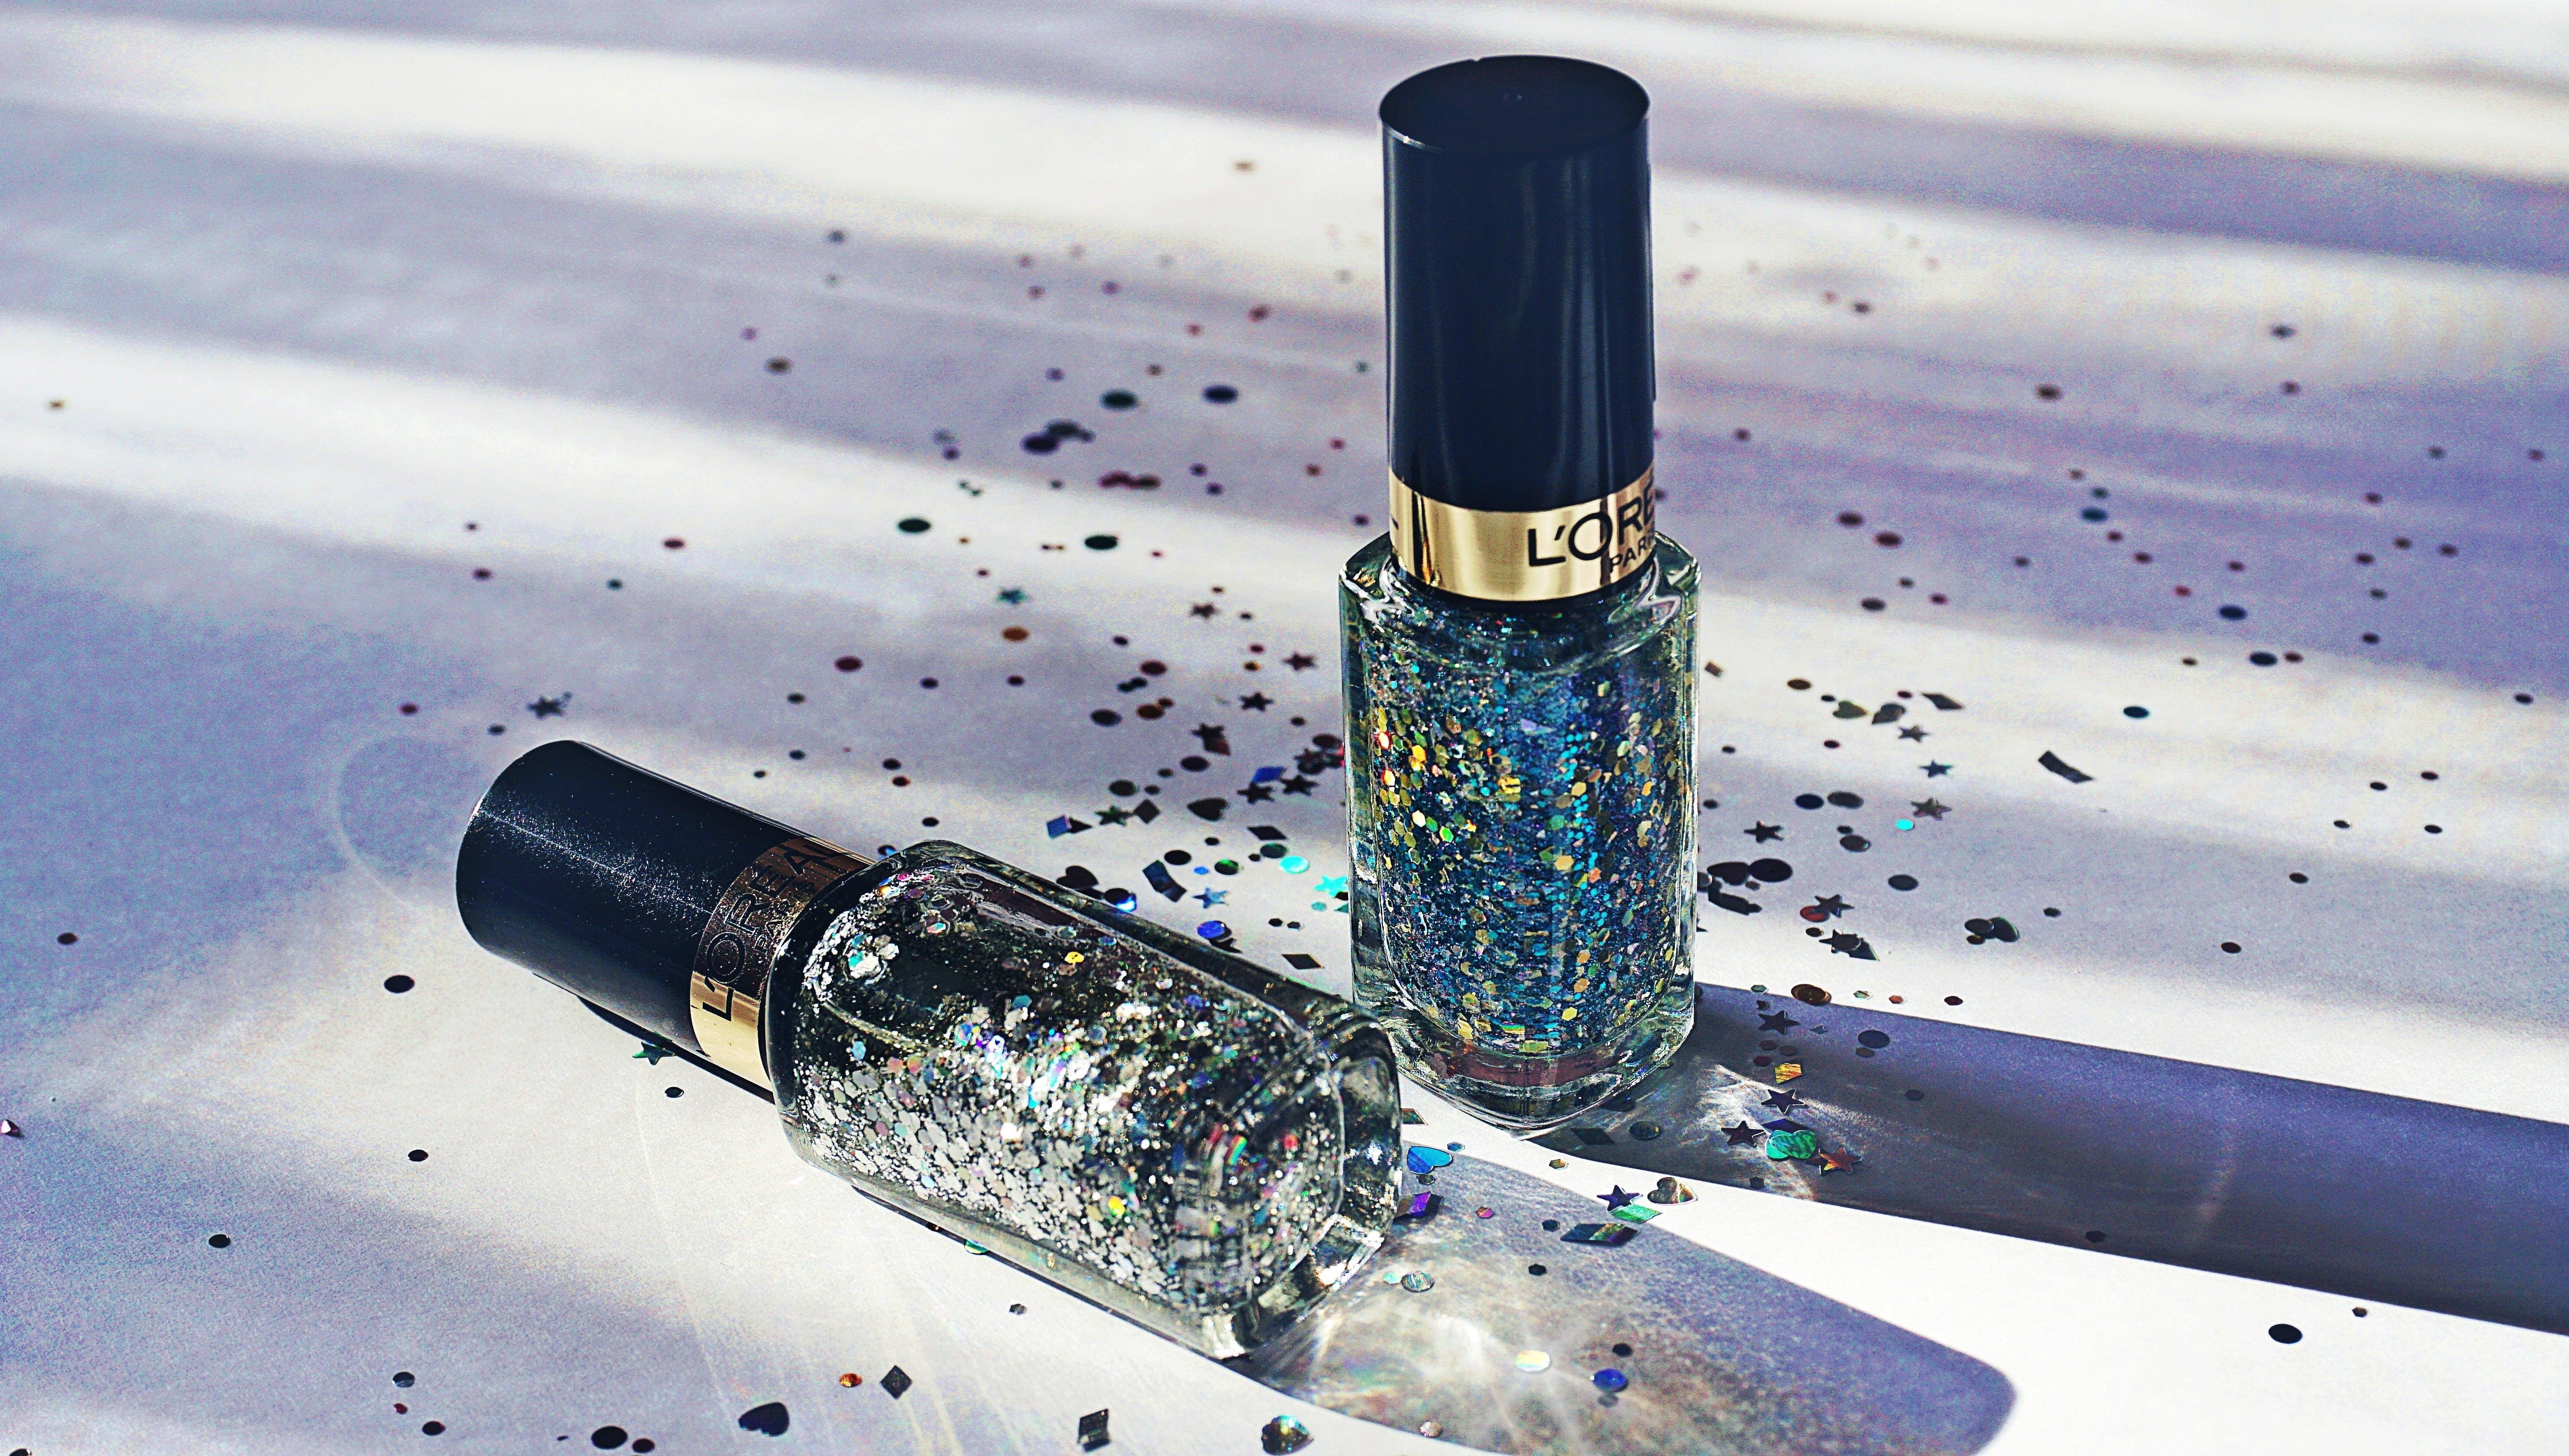 Free stock photo of cosmetics, make up, nail art, nail polish